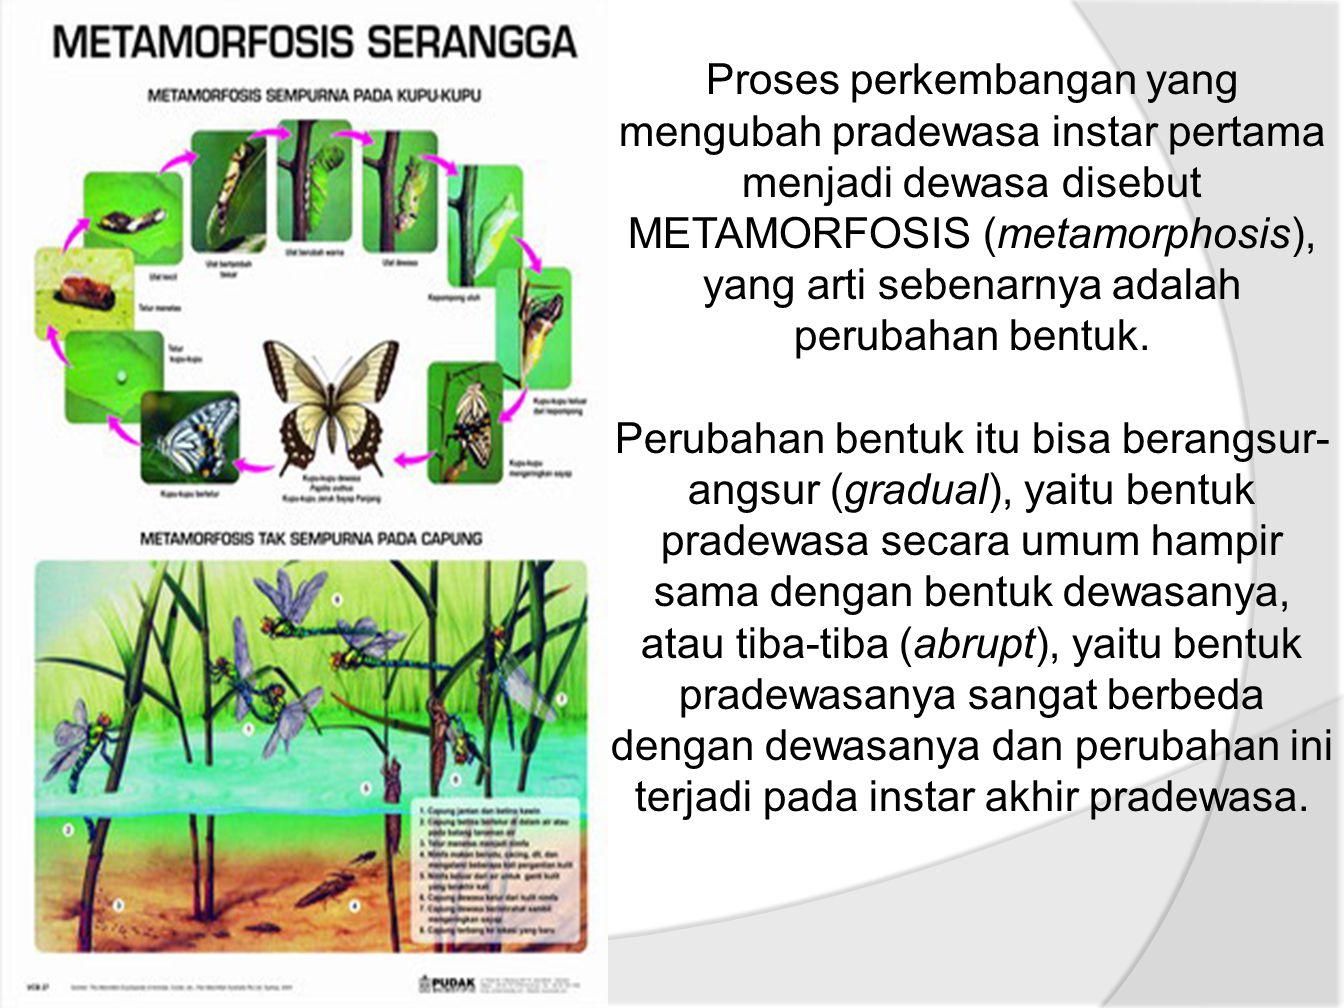 Proses perkembangan yang mengubah pradewasa instar pertama menjadi dewasa disebut METAMORFOSIS (metamorphosis), yang arti sebenarnya adalah perubahan bentuk.